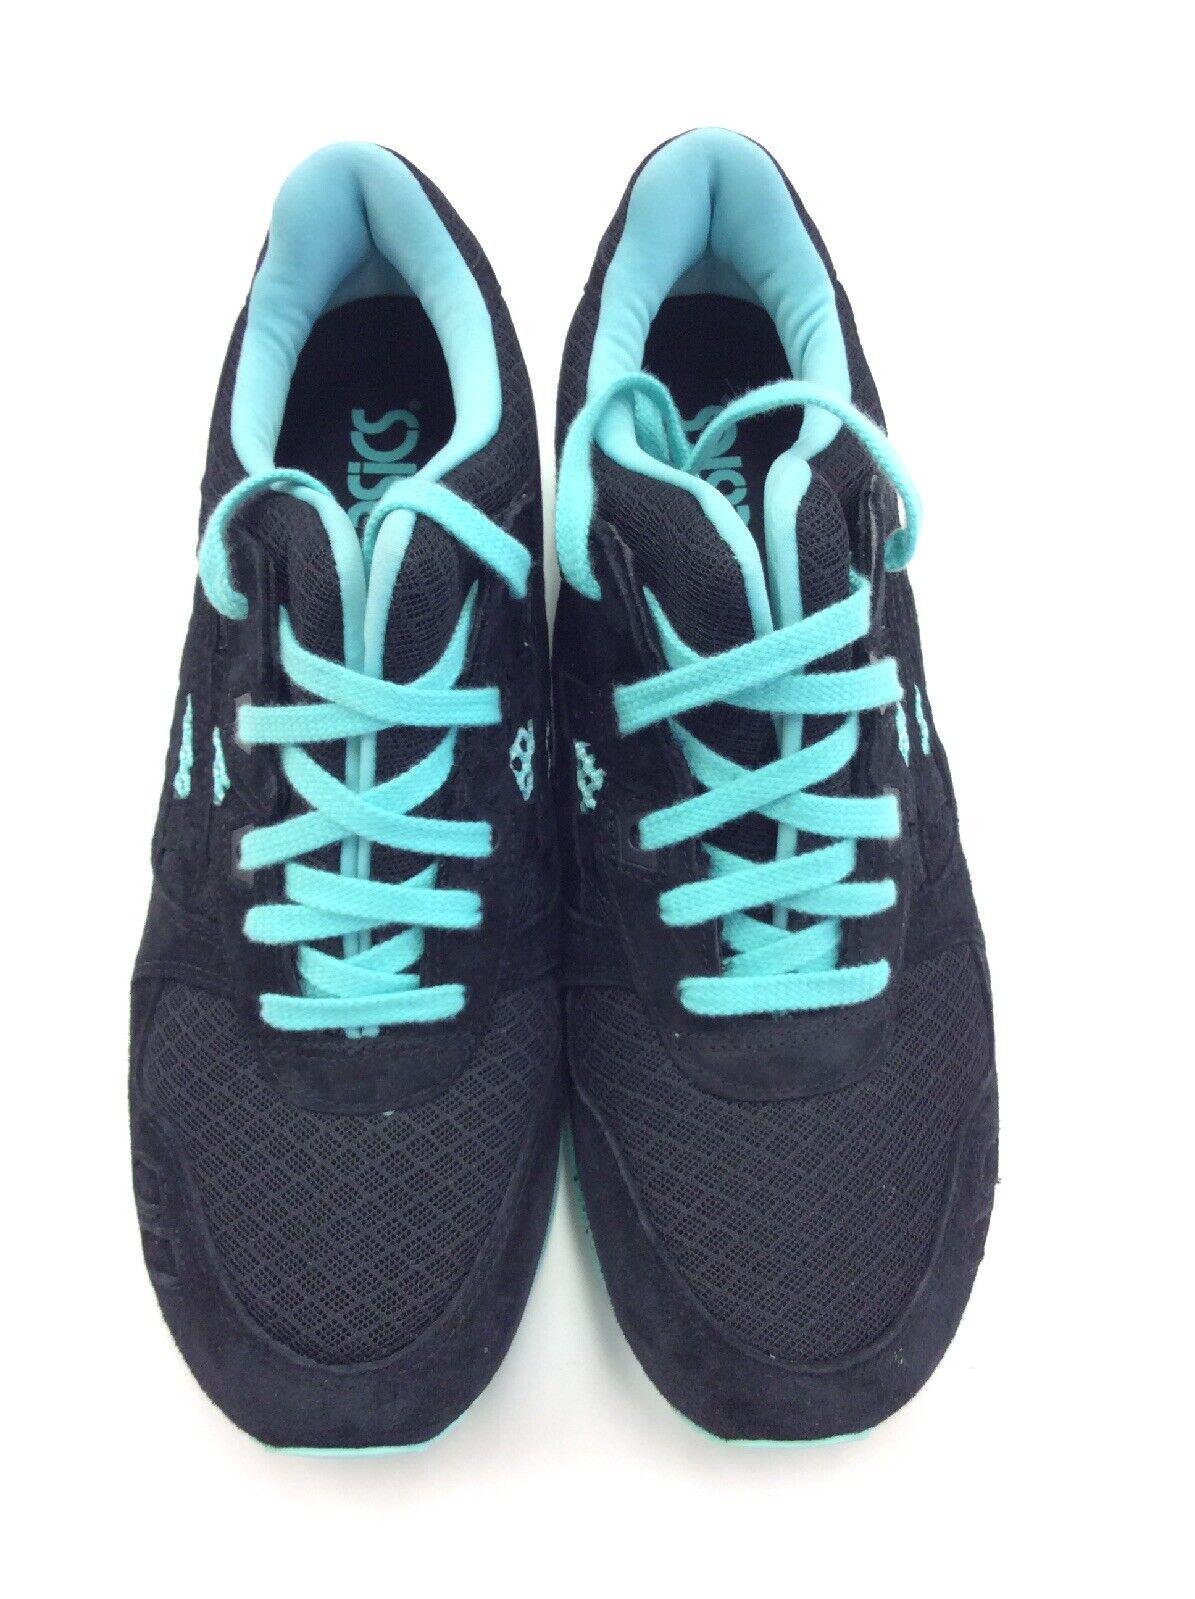 ASICS Men Gel-Lyte III Athletic Sneaker H6Z0L-9090 Black Mint Size 13